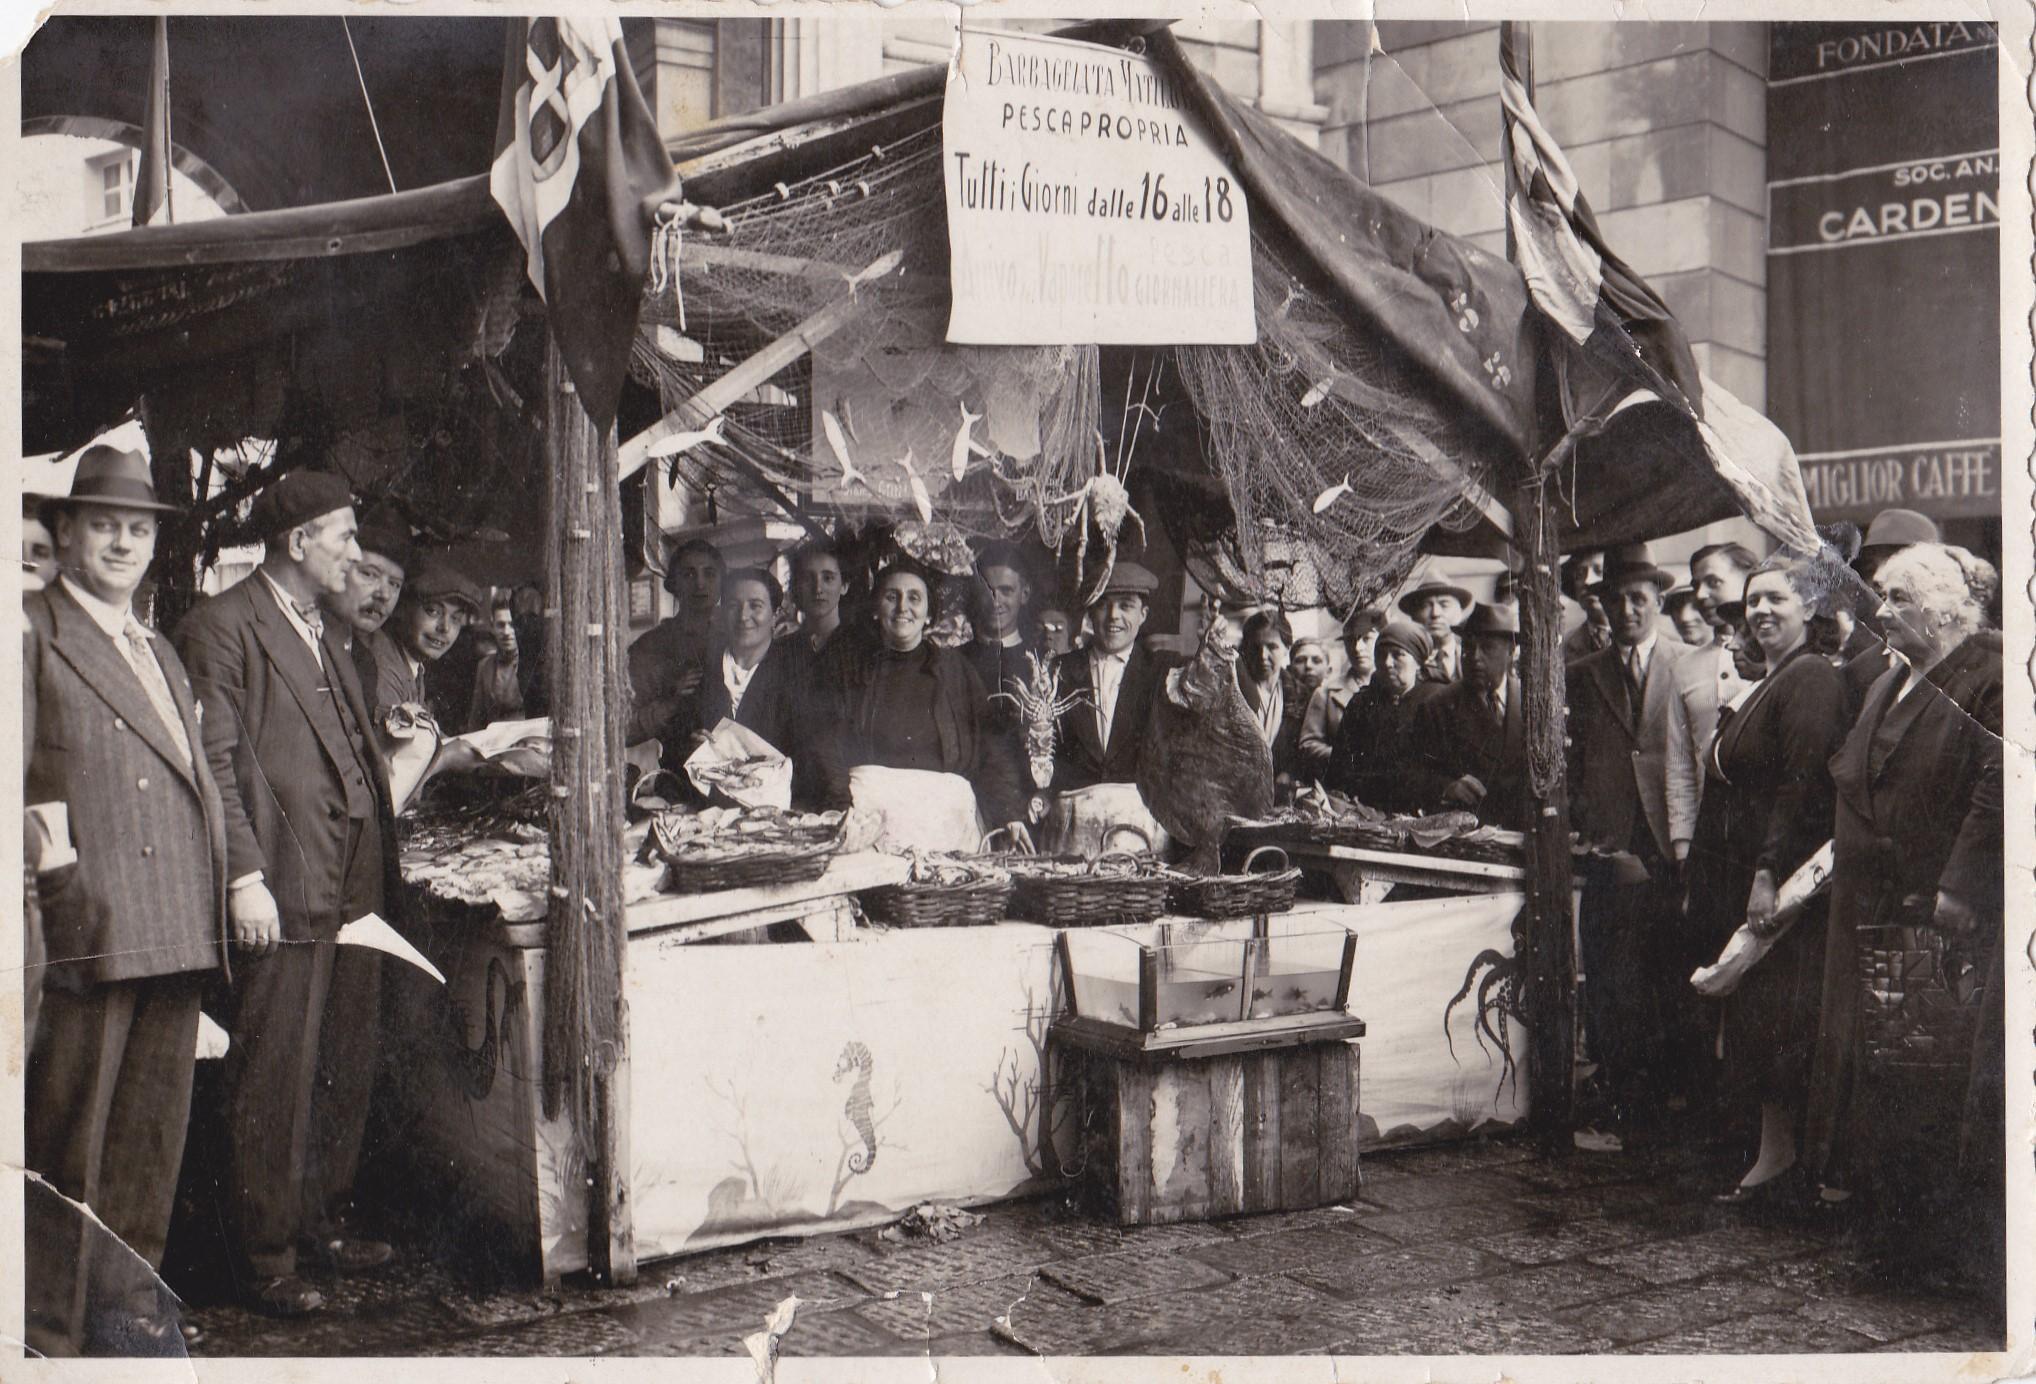 1924 – Matilde Barbagelata a una fiera in Piazza de Ferrari con il suo banco, allestito a regola d'arte